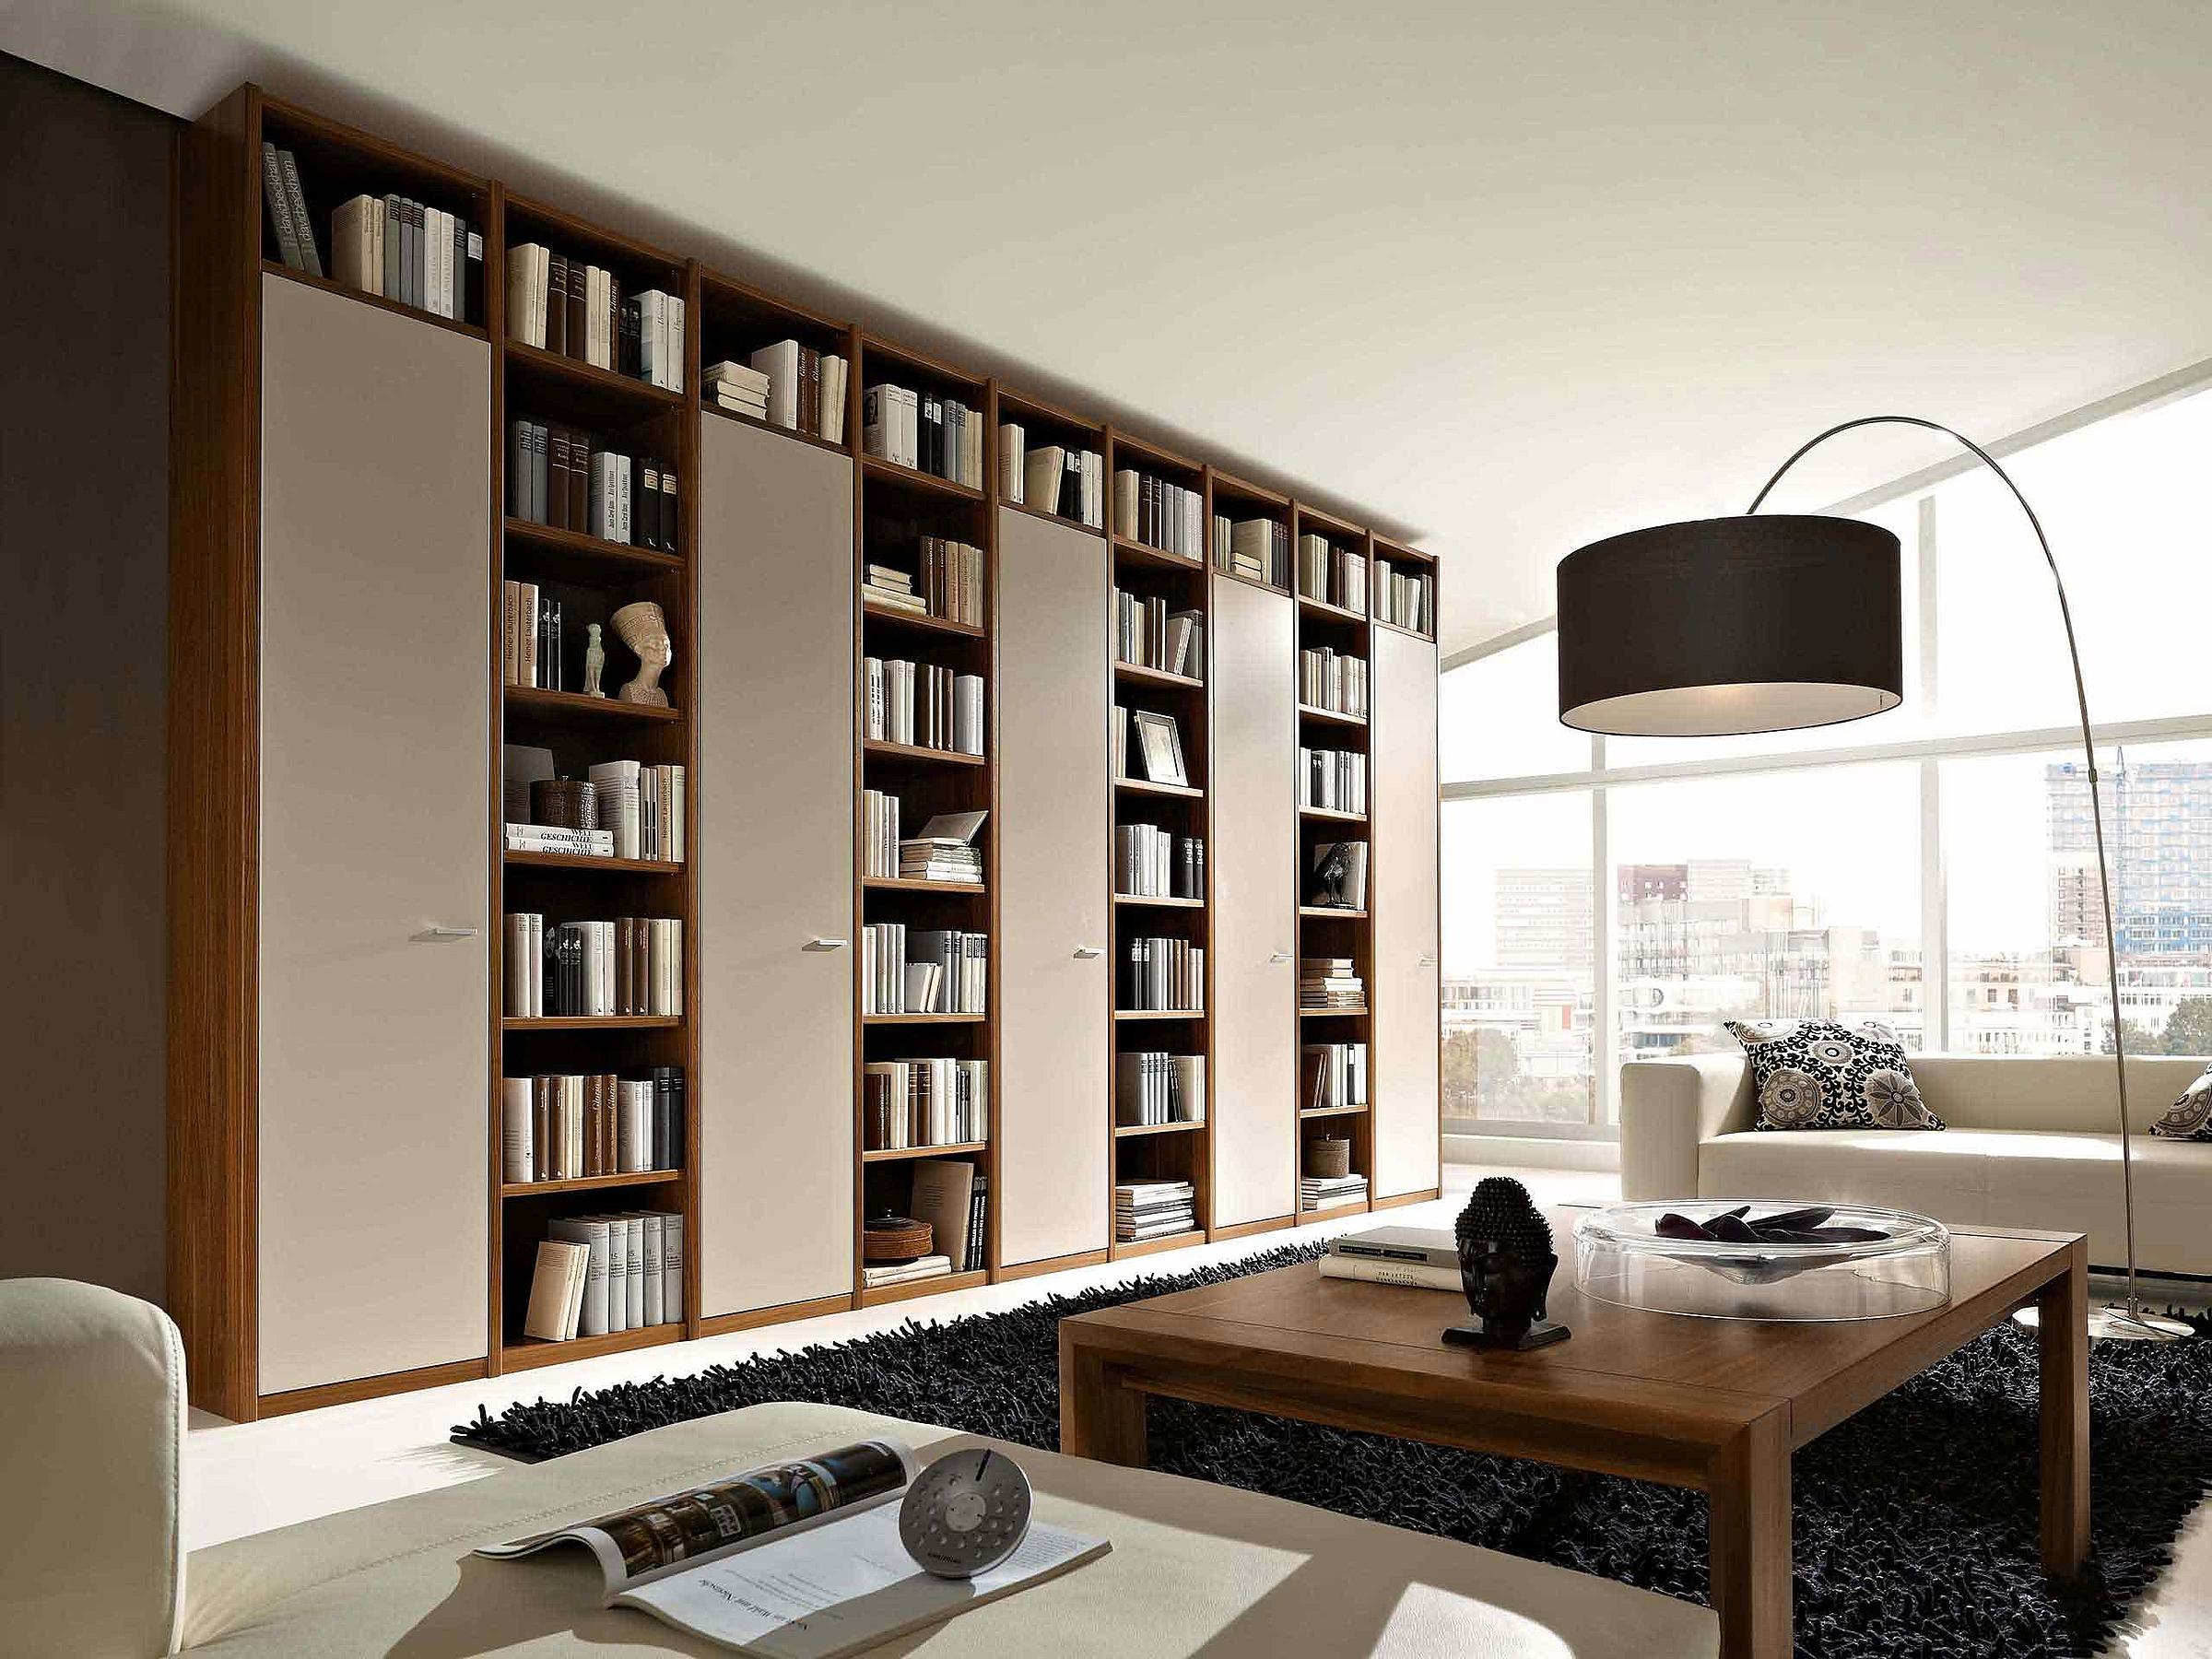 Bibliothek Couchtisch Wohnzimmer Manhattan